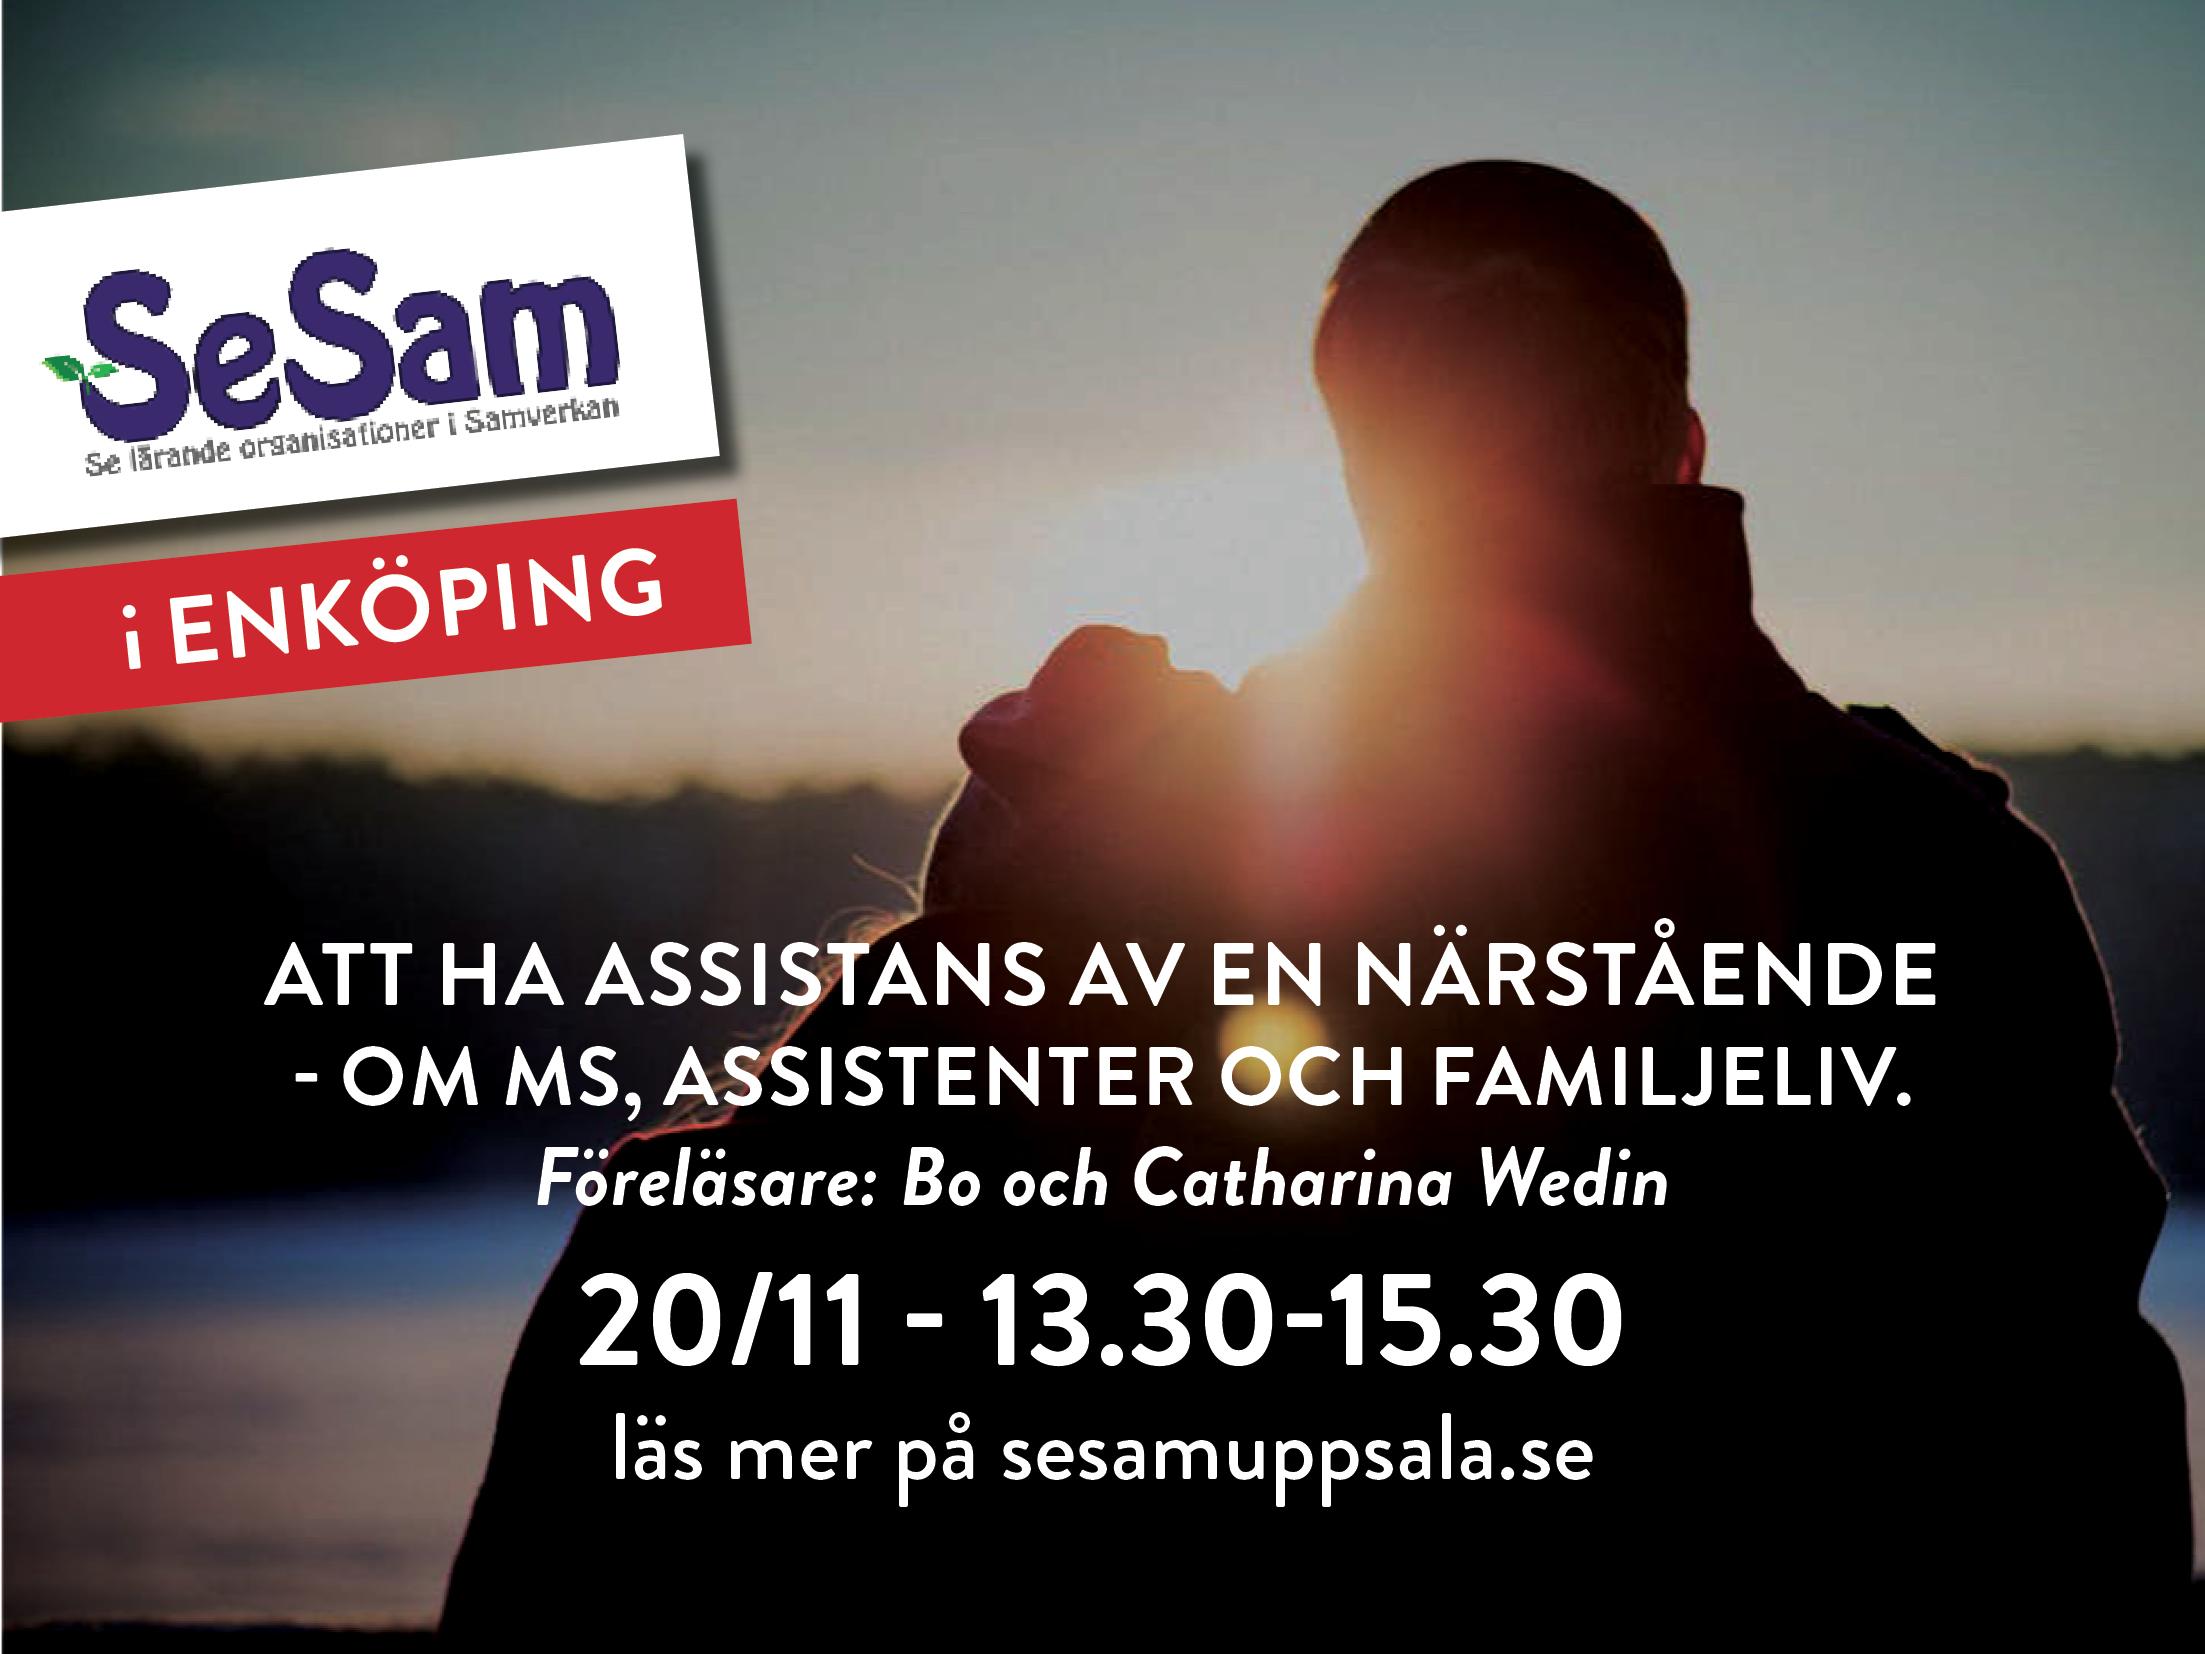 Enköping 20 november – Att ha assistans av en närstående